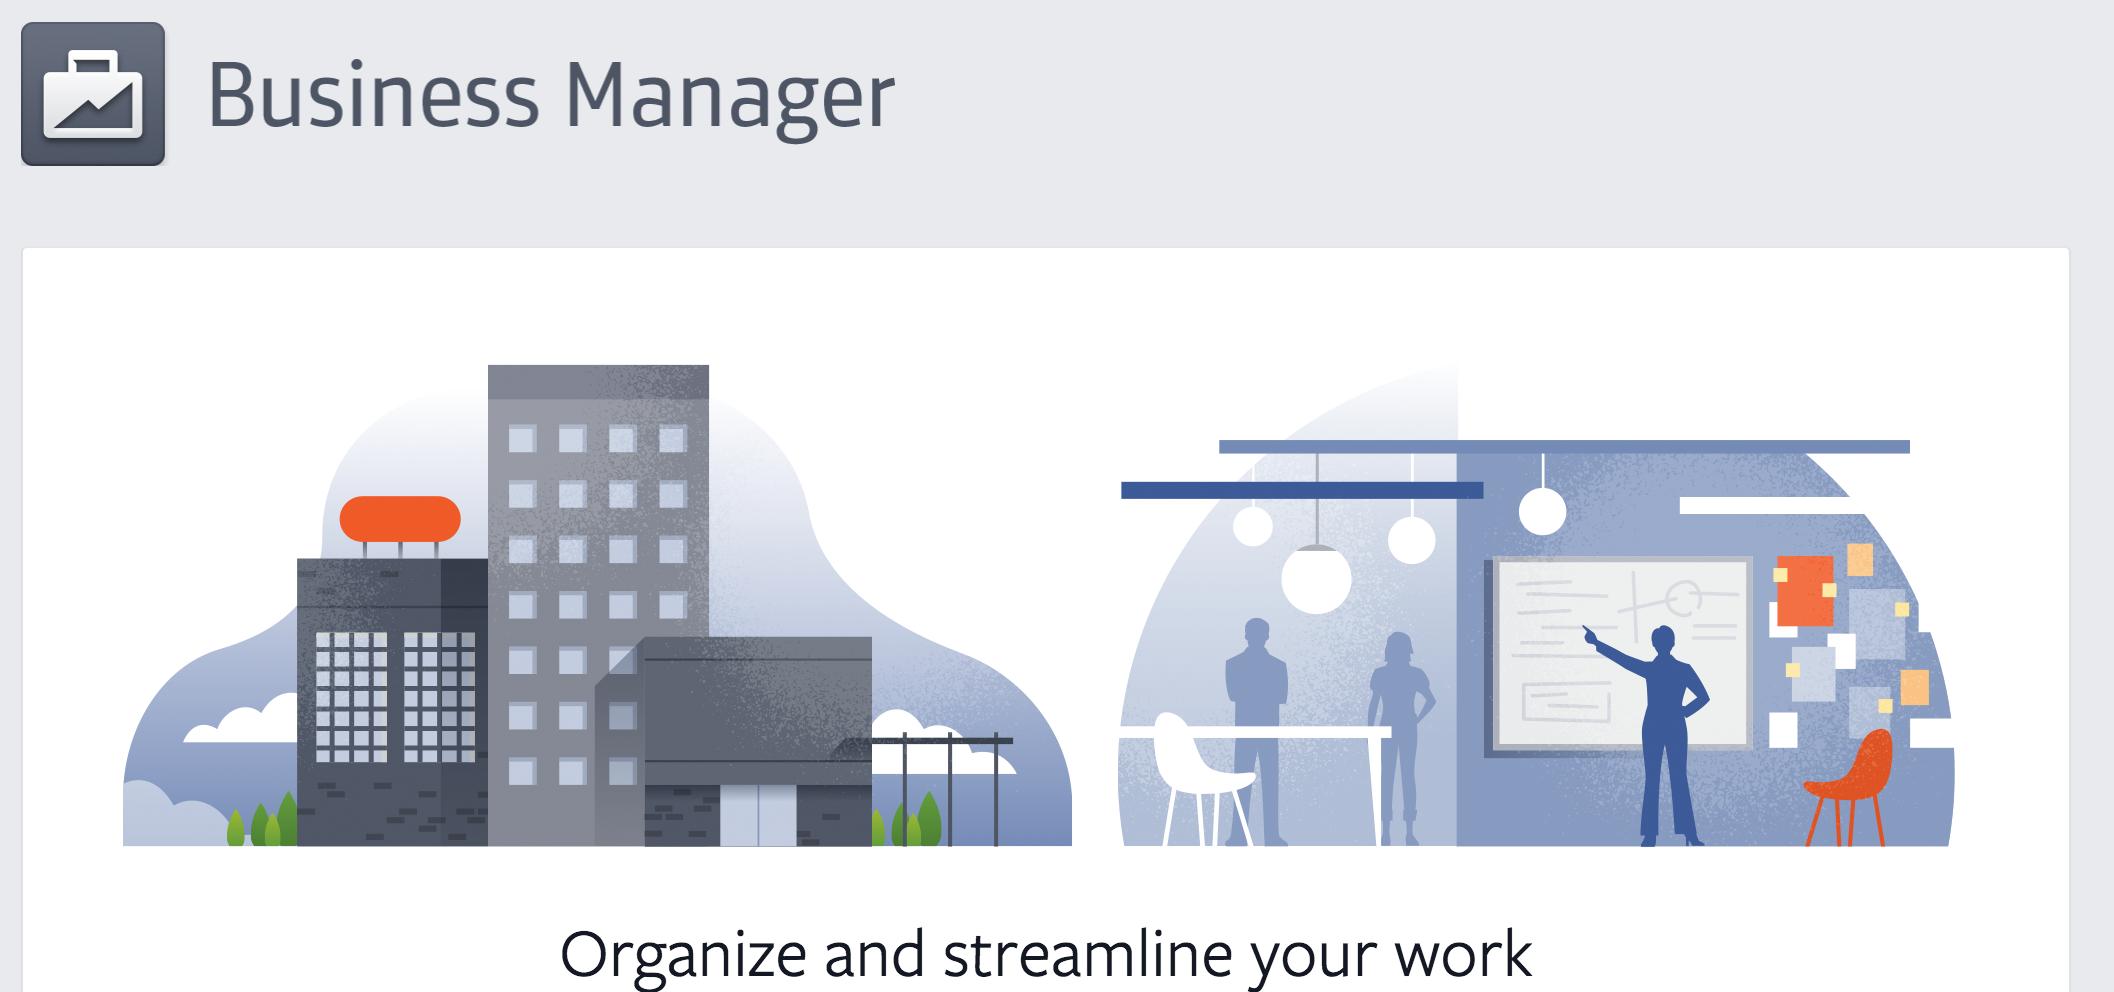 Facebook-ը սկսել է գործարկել Business Manager գործիքը